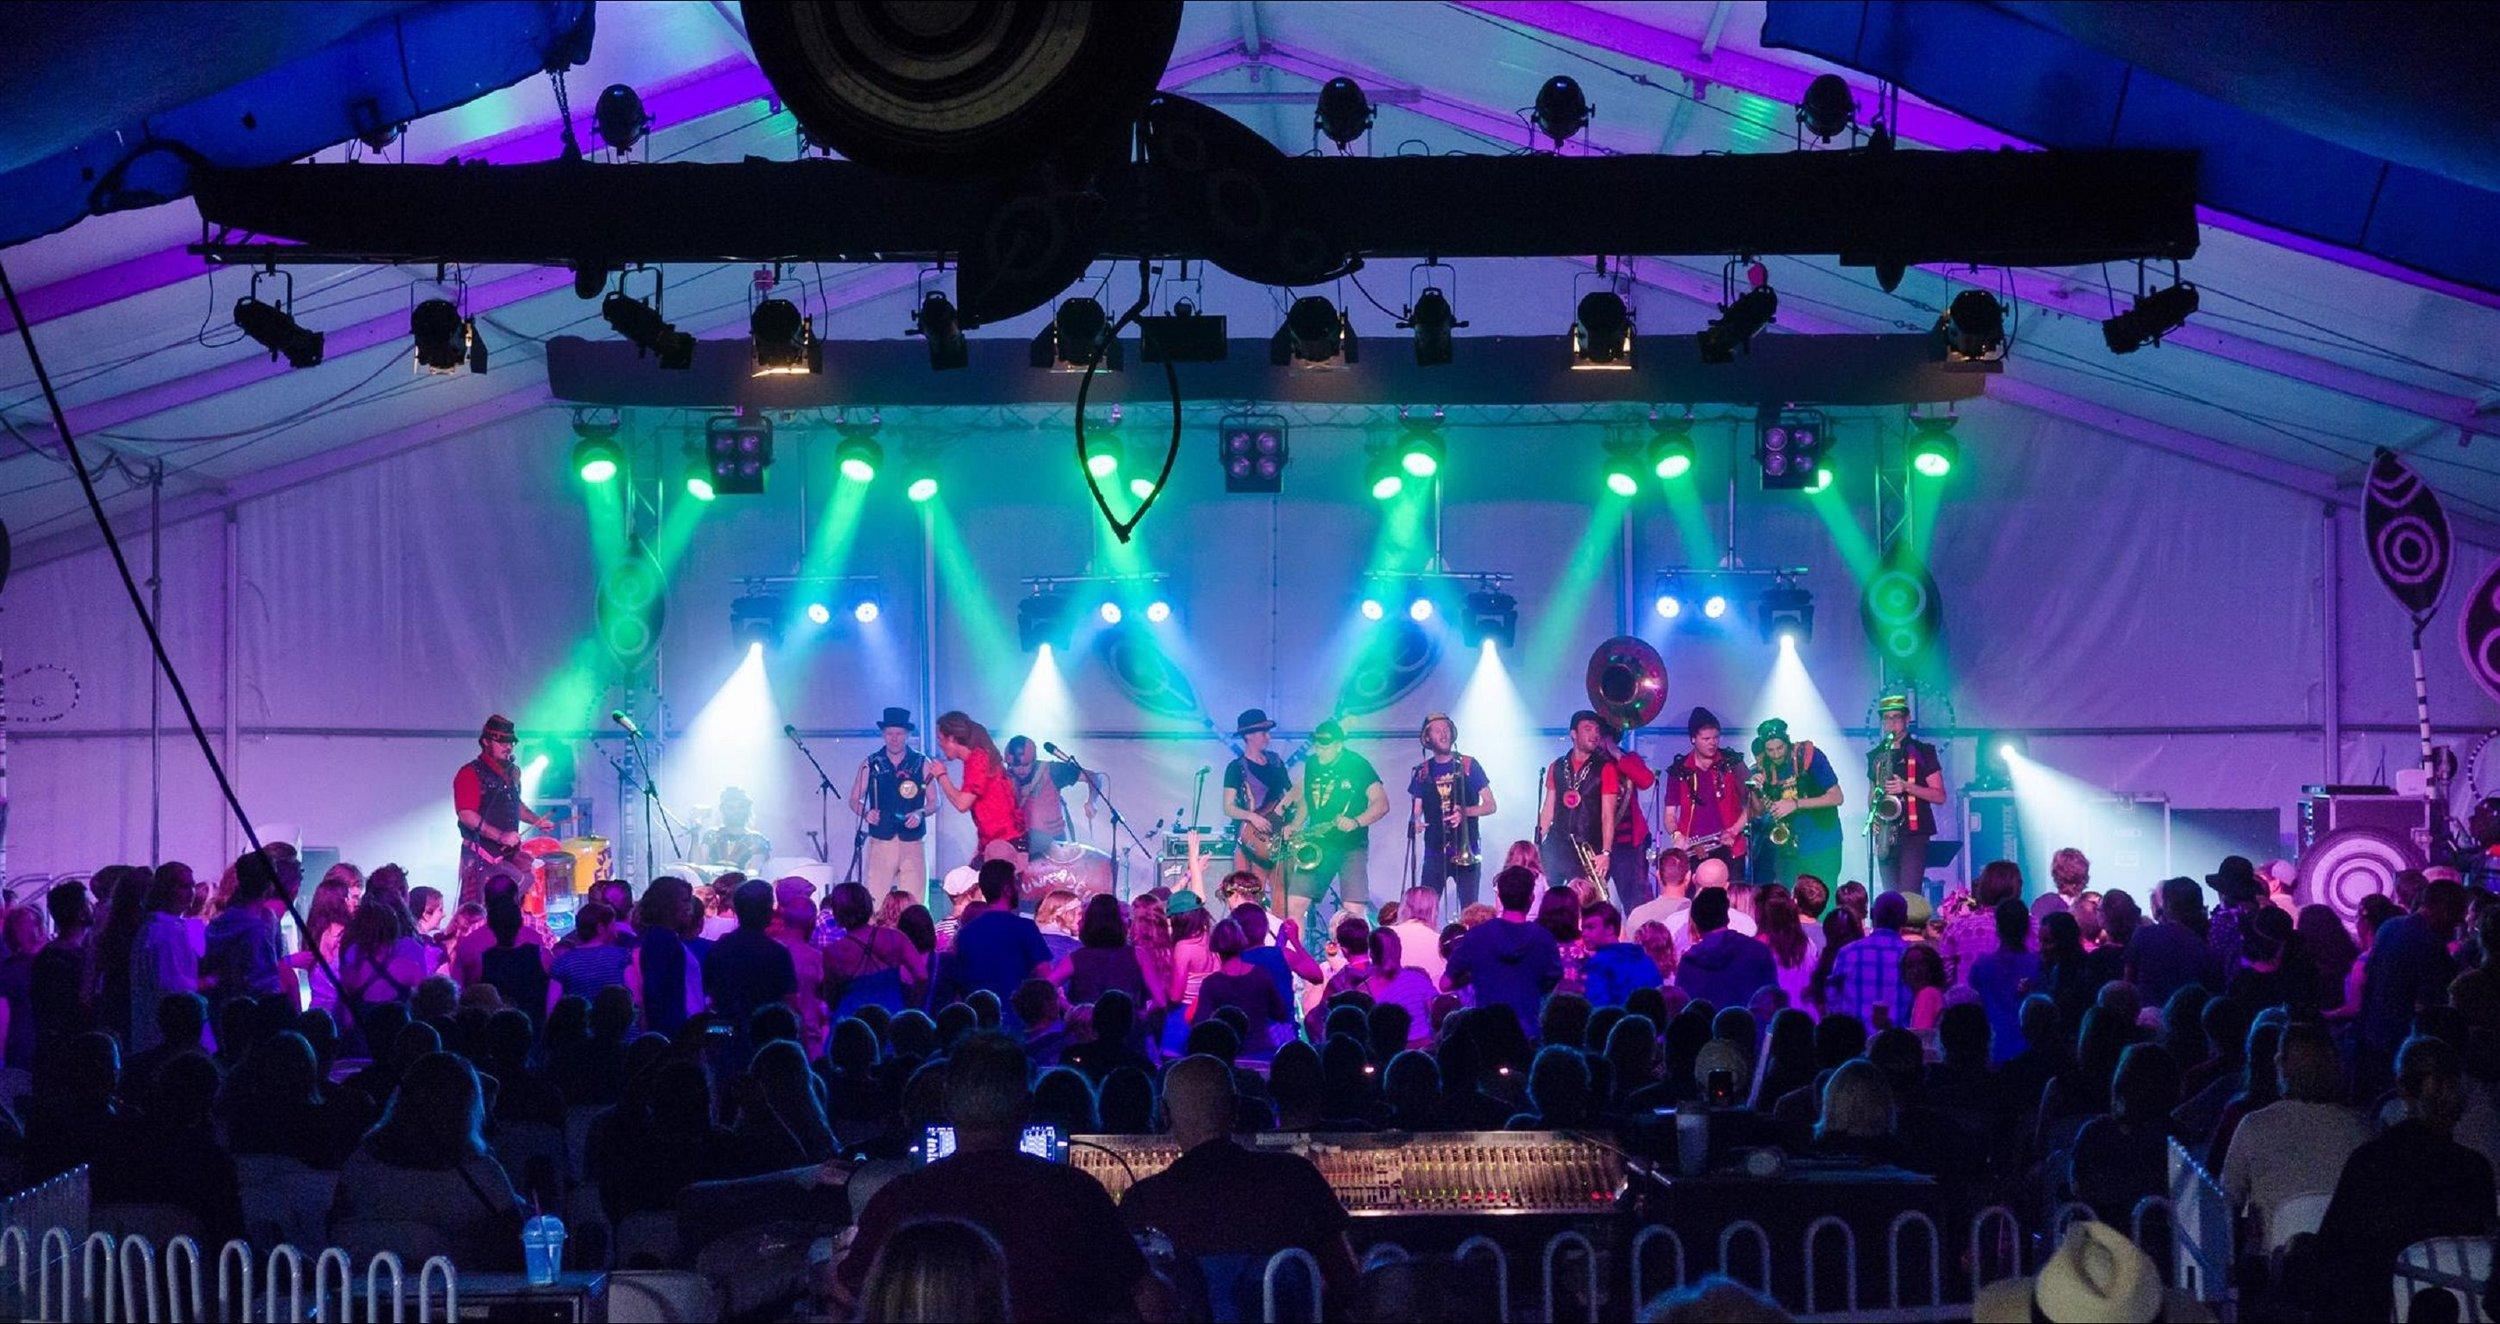 atdw-fairbridge-festival-57983f4a2e838a3f5d990318.jpeg